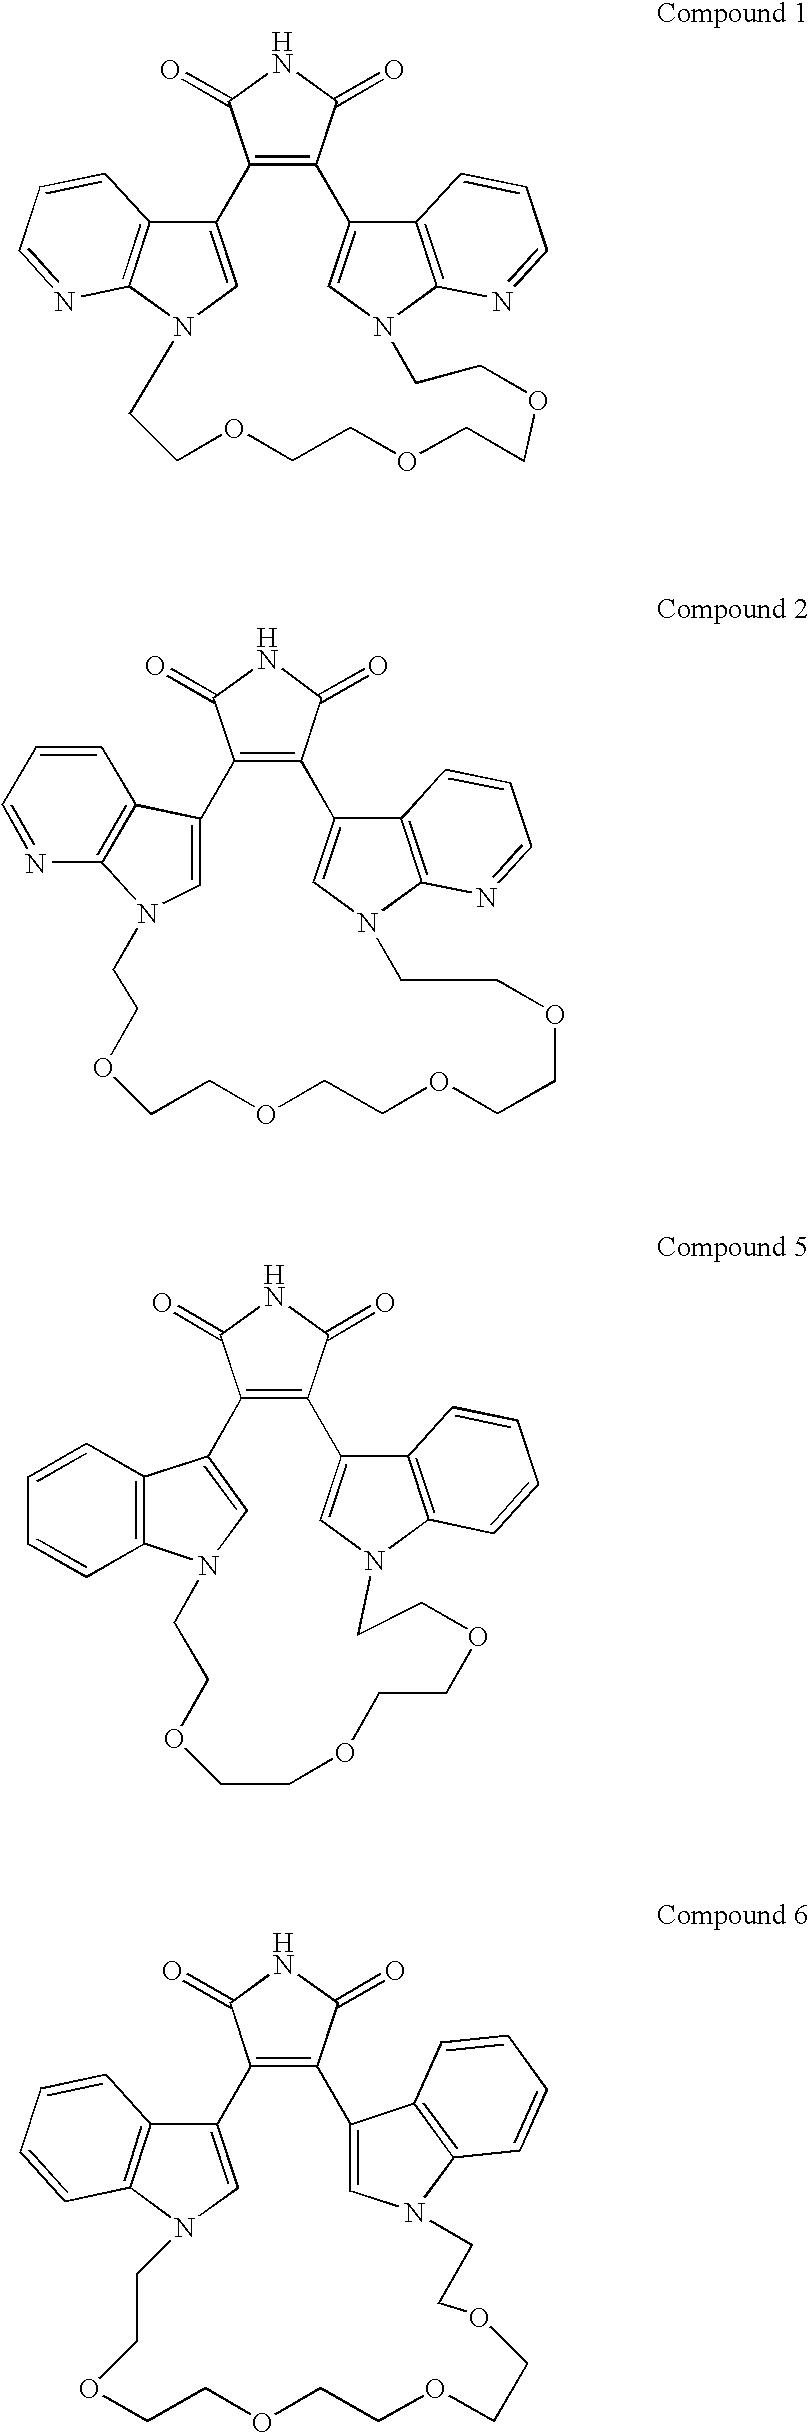 Figure US20090325293A1-20091231-C00017